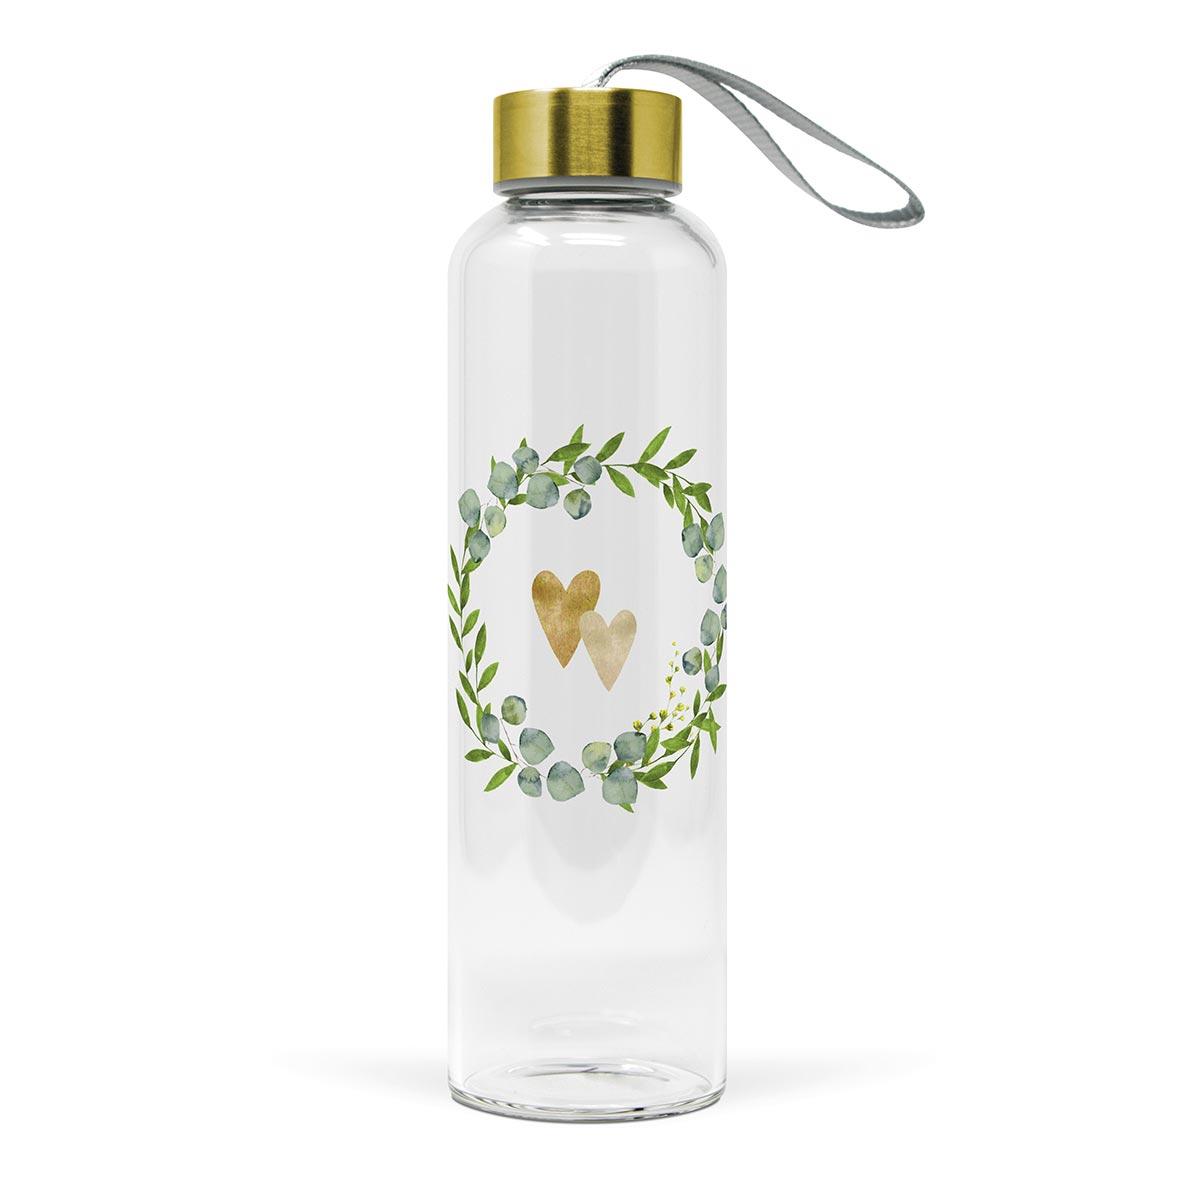 Two Hearts Bottle